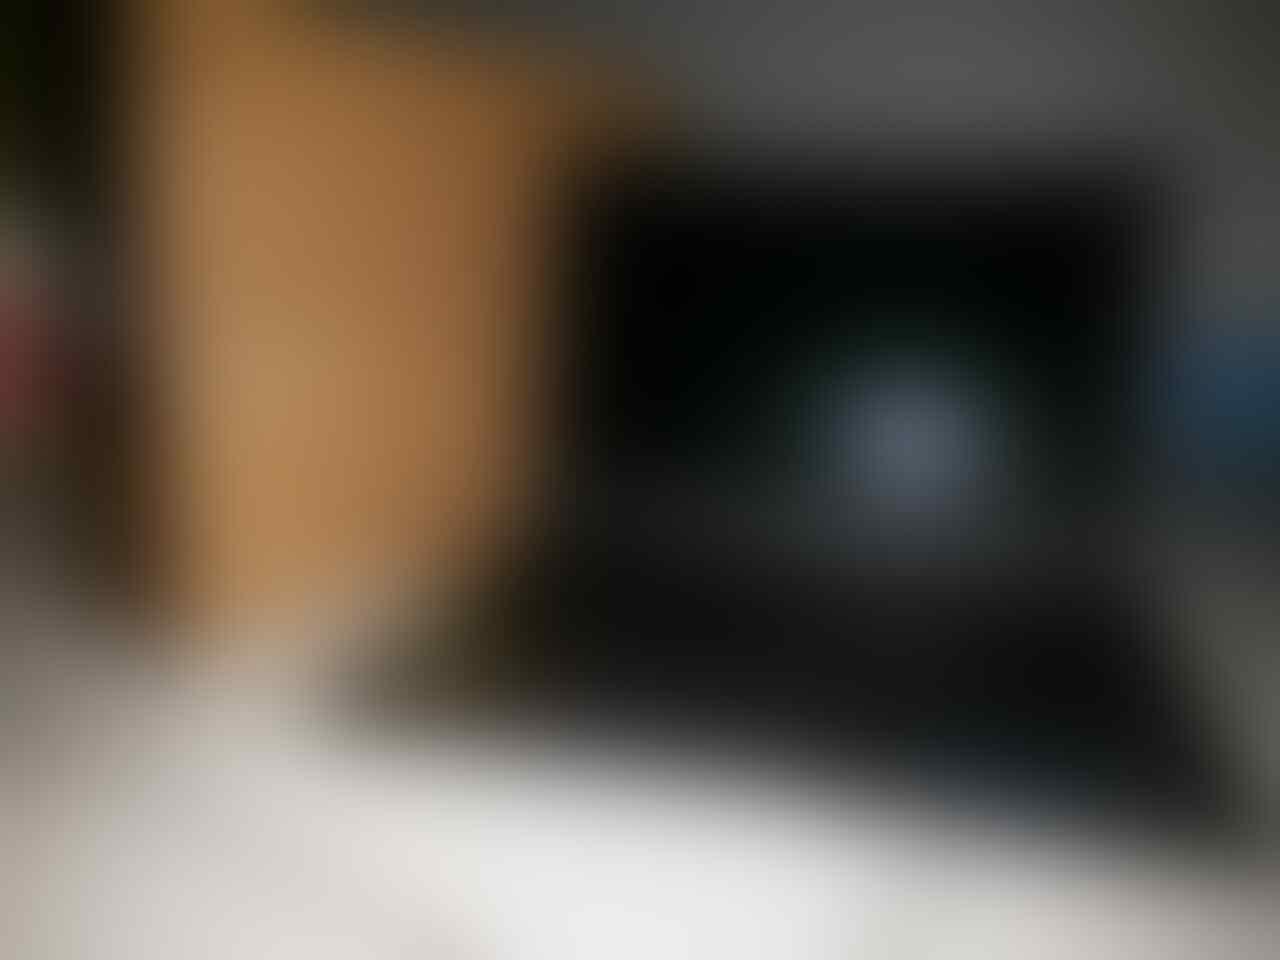 jual rugi Laptop ASUS X45OCC i3,nvidia 2gb,ram 2gb(upgrade max 8gb),hdd 500gb mumer